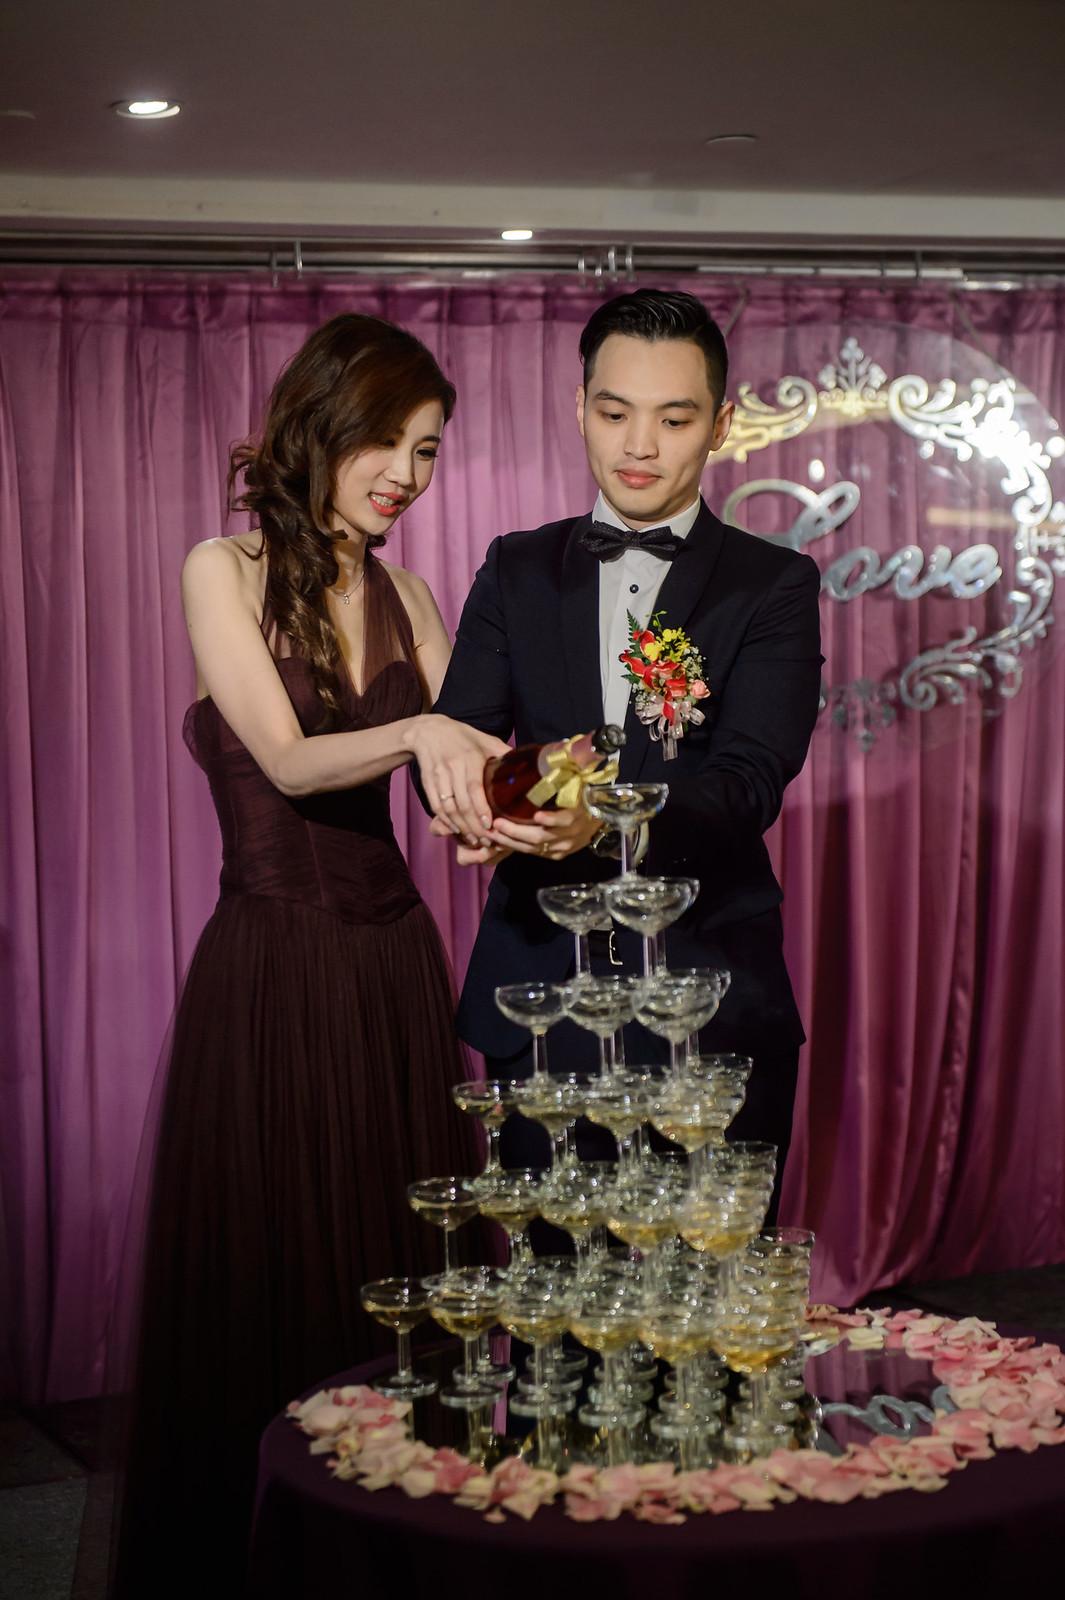 台北婚攝, 婚禮攝影, 婚攝, 婚攝守恆, 婚攝推薦, 晶華酒店, 晶華酒店婚宴, 晶華酒店婚攝-85